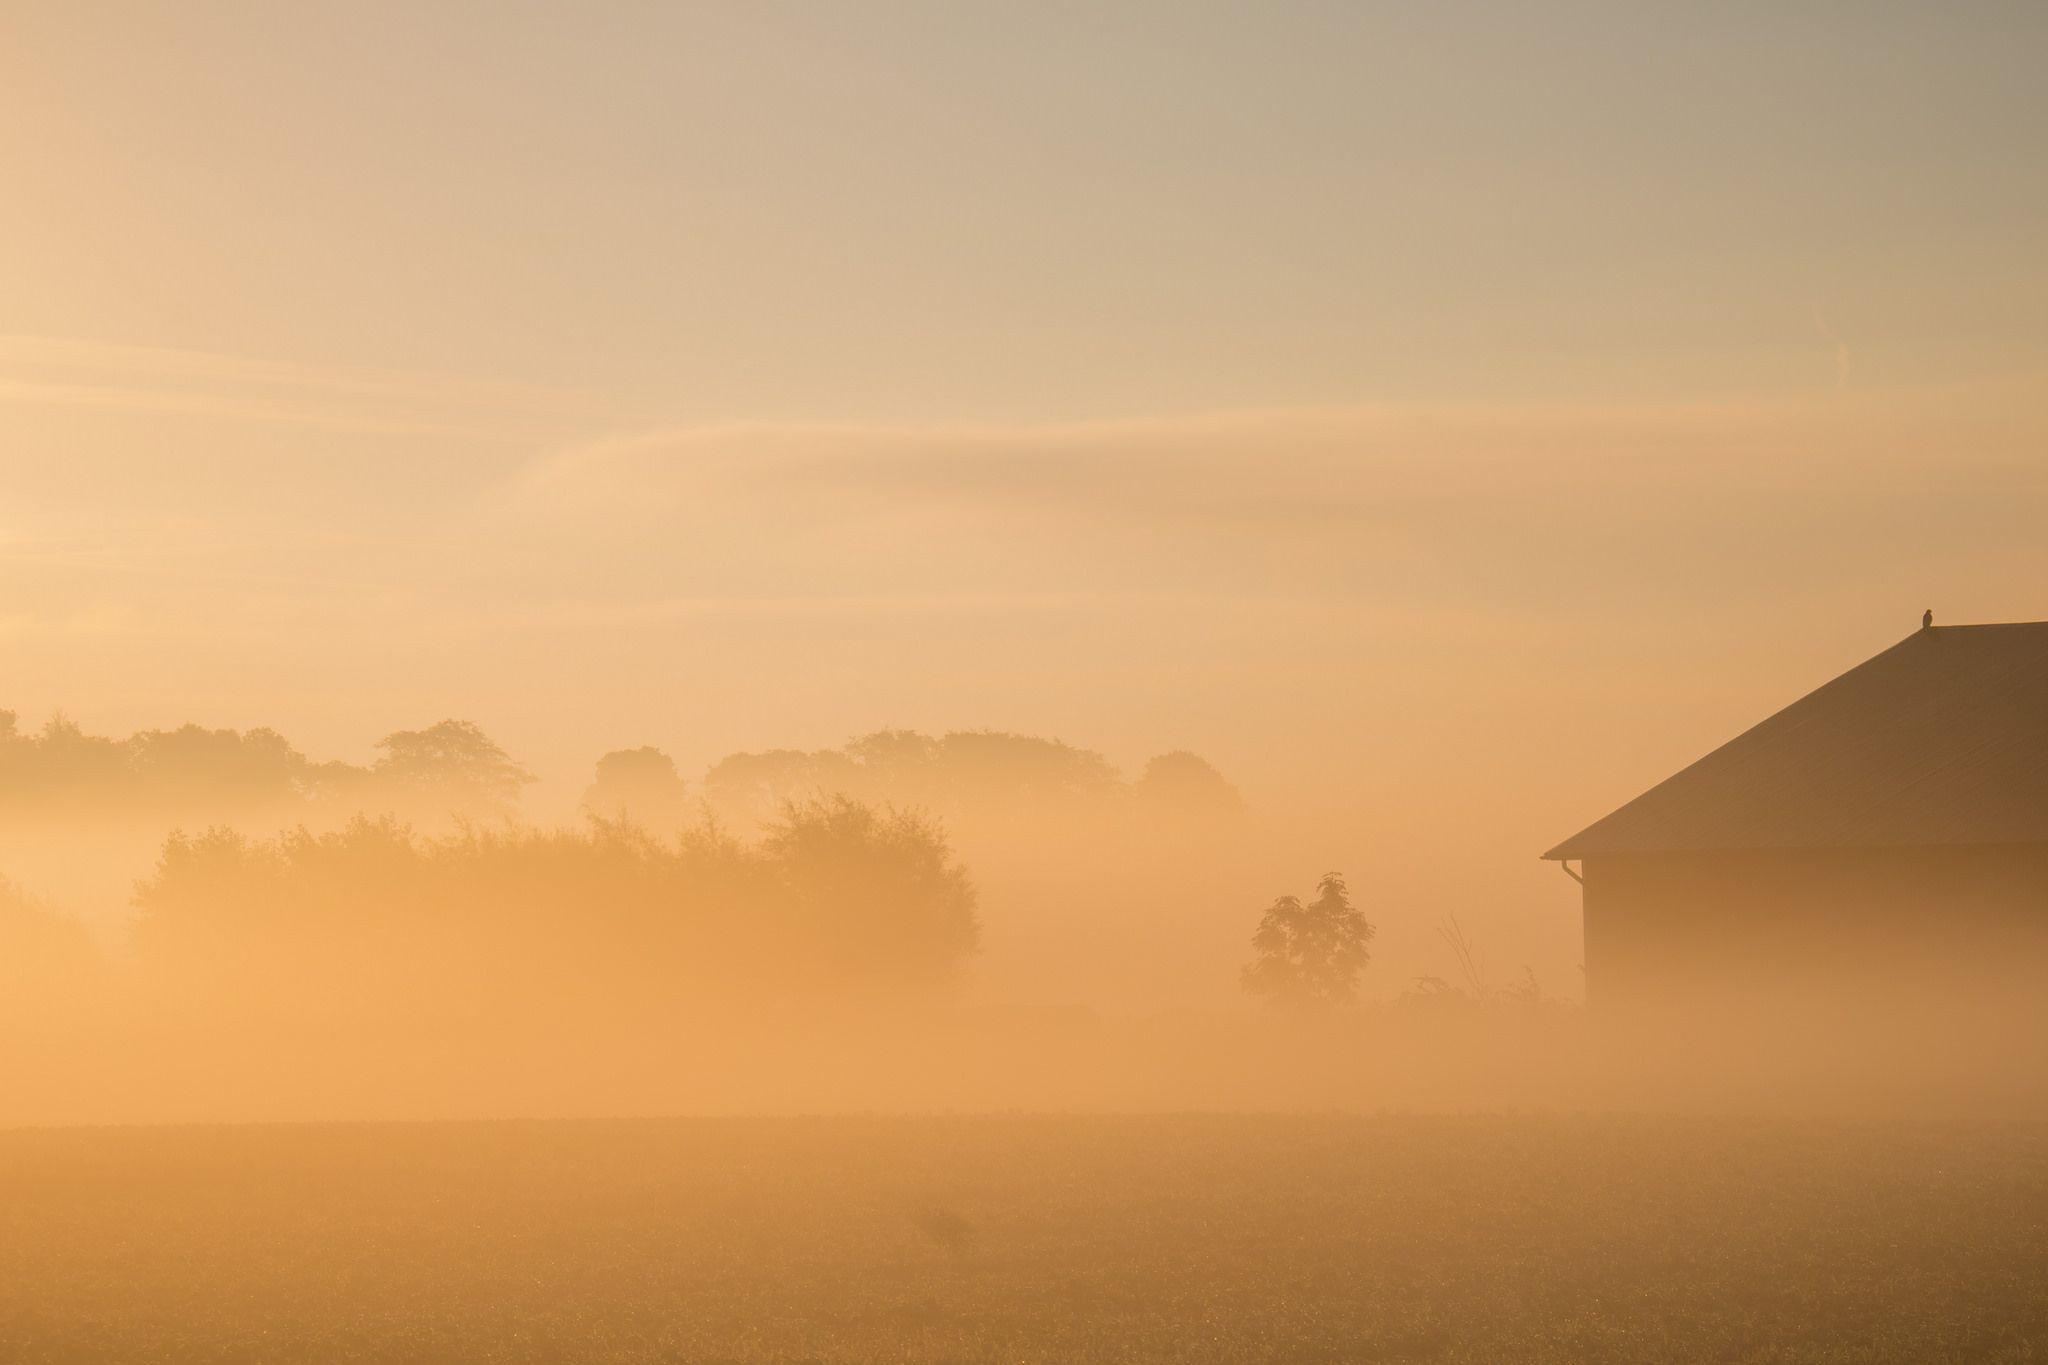 https://flic.kr/p/z5wQk2 | Barn in the mist